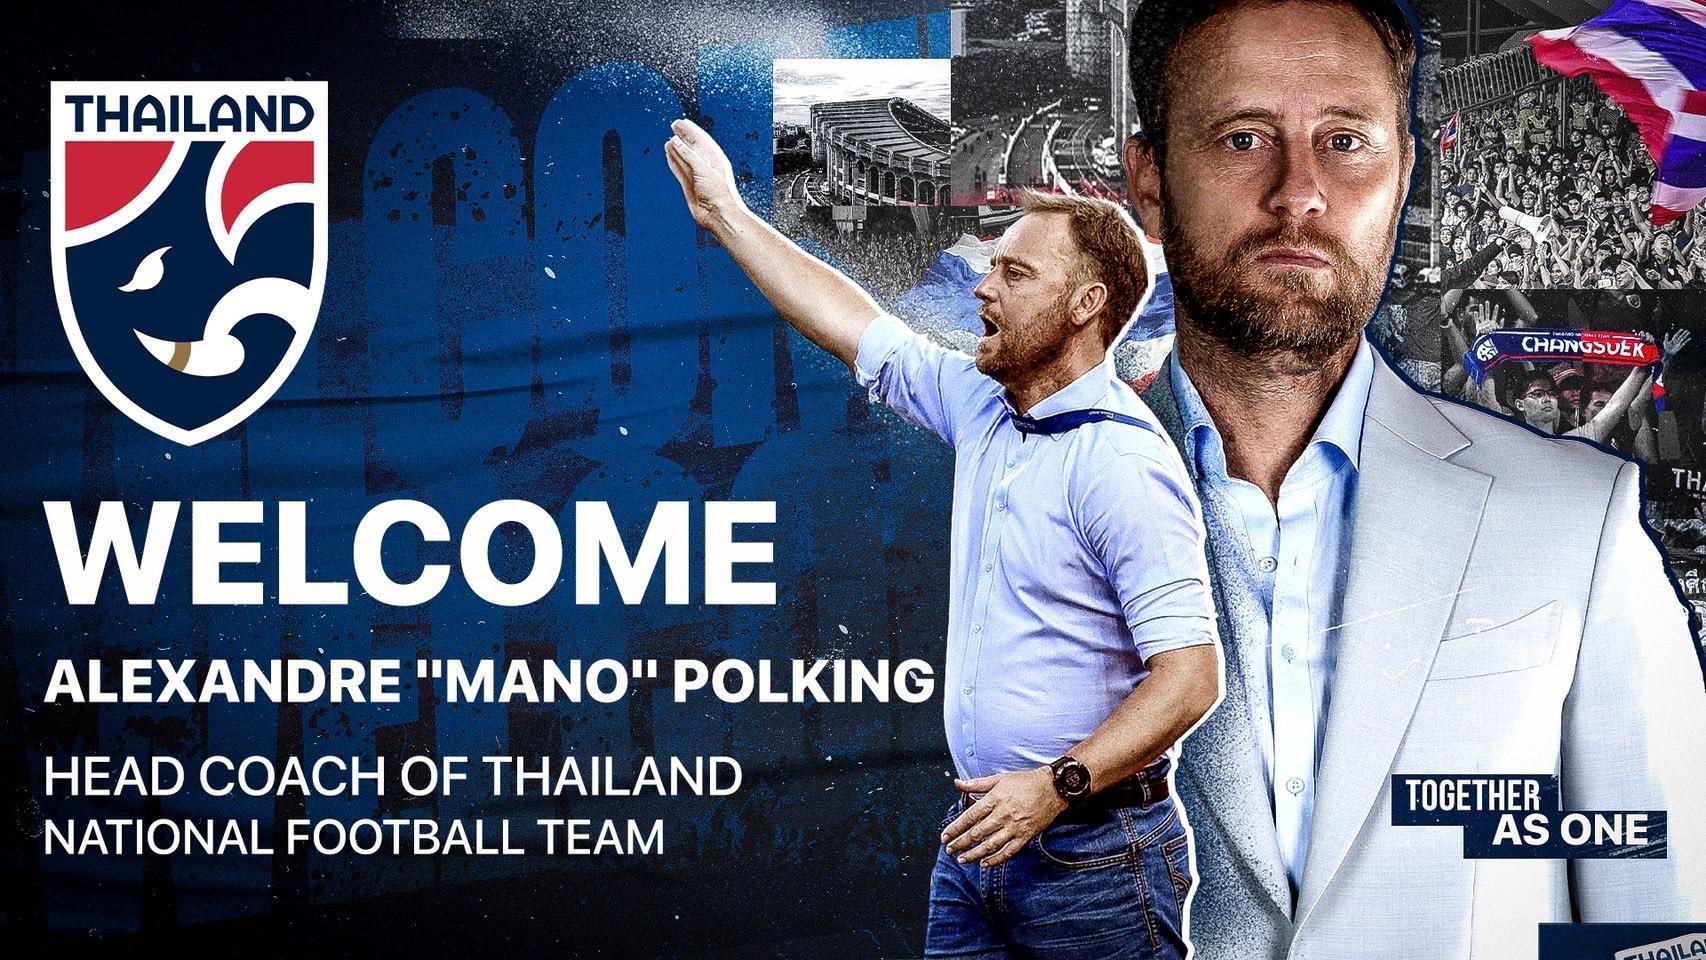 Đội tuyển Thái Lan chính thức có huấn luyện viên mới